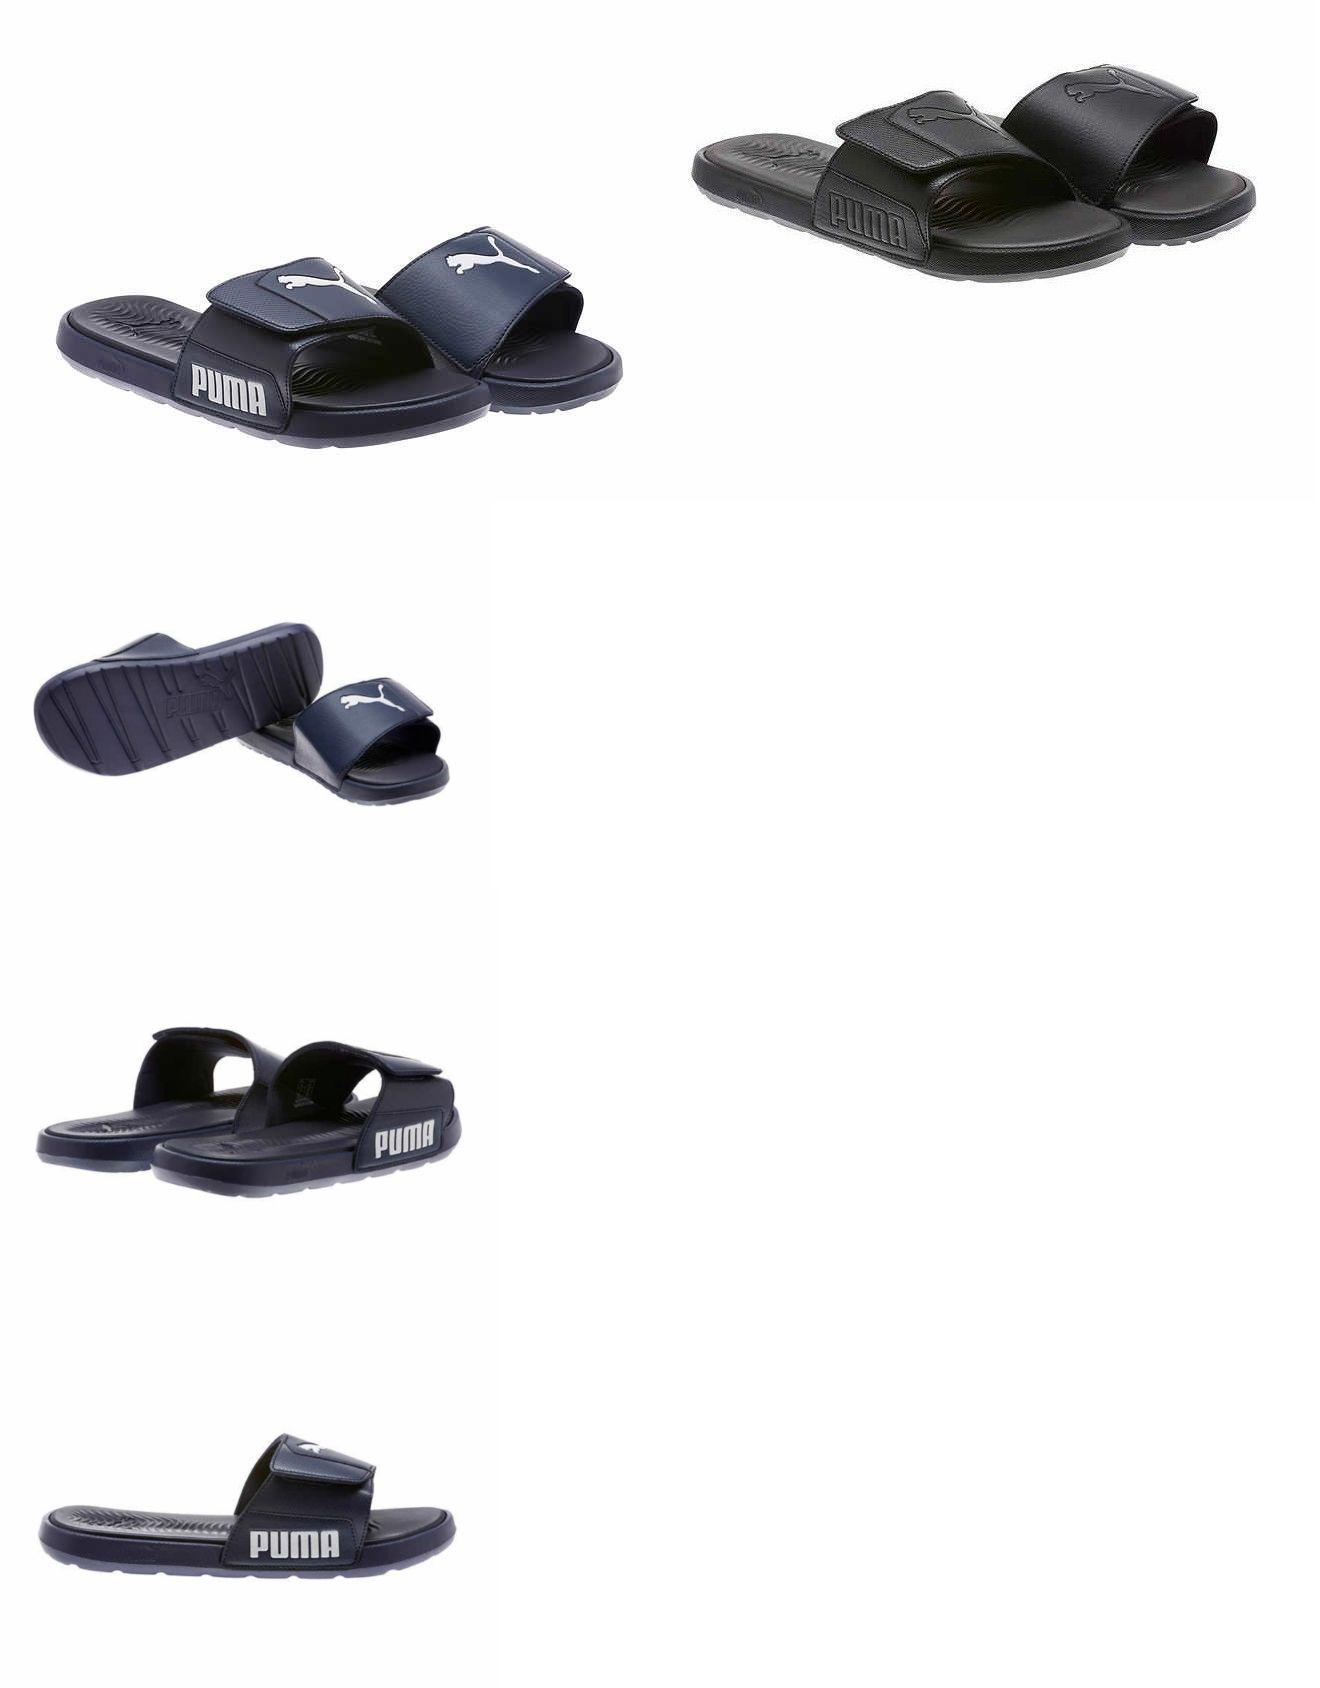 6248cf4c070d Sandals 11504  Puma Men S Starcat Tech Slides Sandals Flipflop Pick Size  And Color -  BUY IT NOW ONLY   14.95 on  eBay  sandals  starcat  slides   flipflop   ...